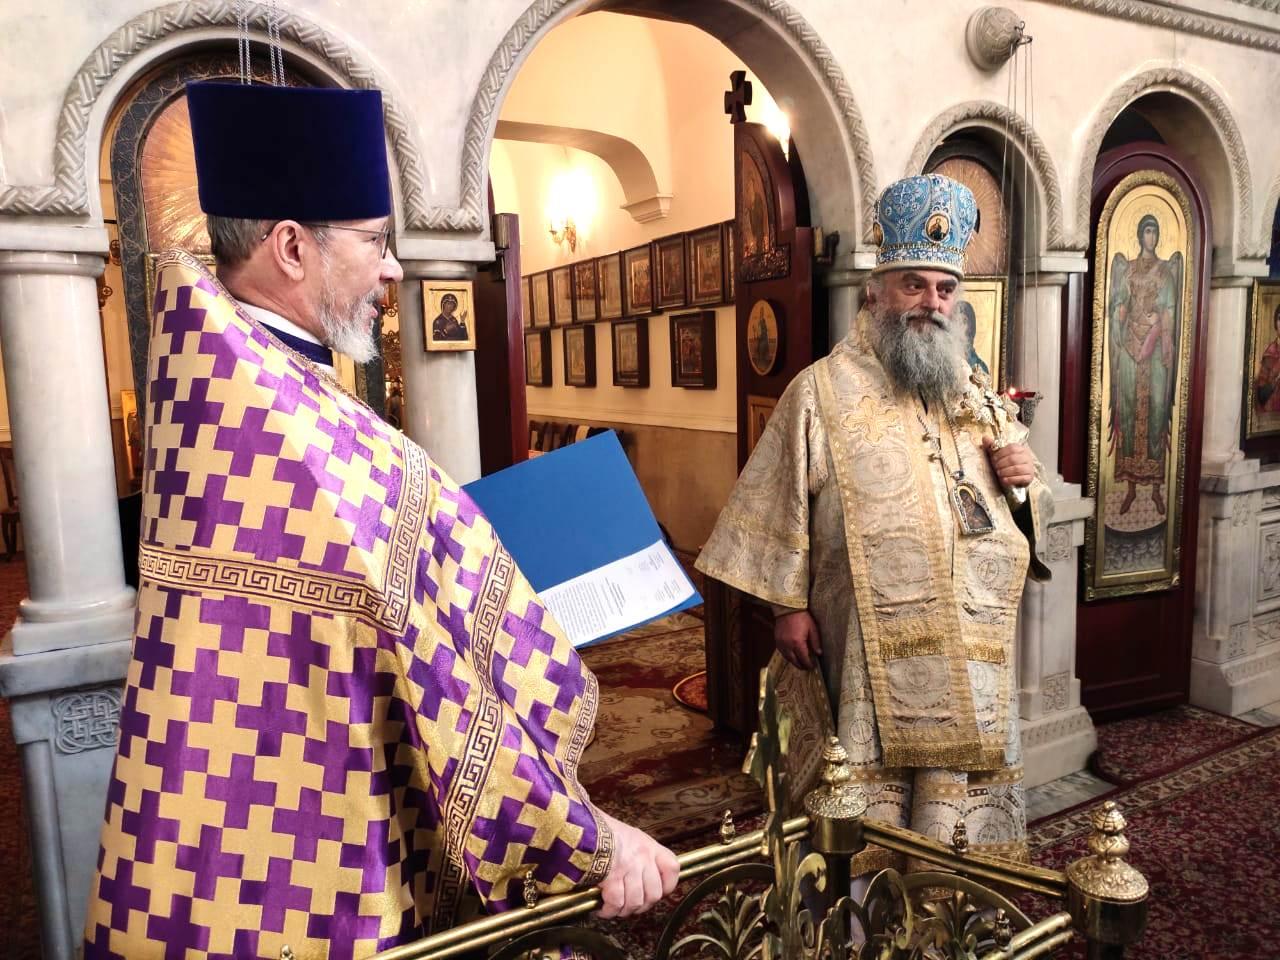 """""""ჩვენ, ქართველები და რუსები, ერთი სამოციქულო ეკლესია ვართ!"""" - მეუფე ნიკოლოზი მოსკოვის წმ. გიორგის ტაძარში"""